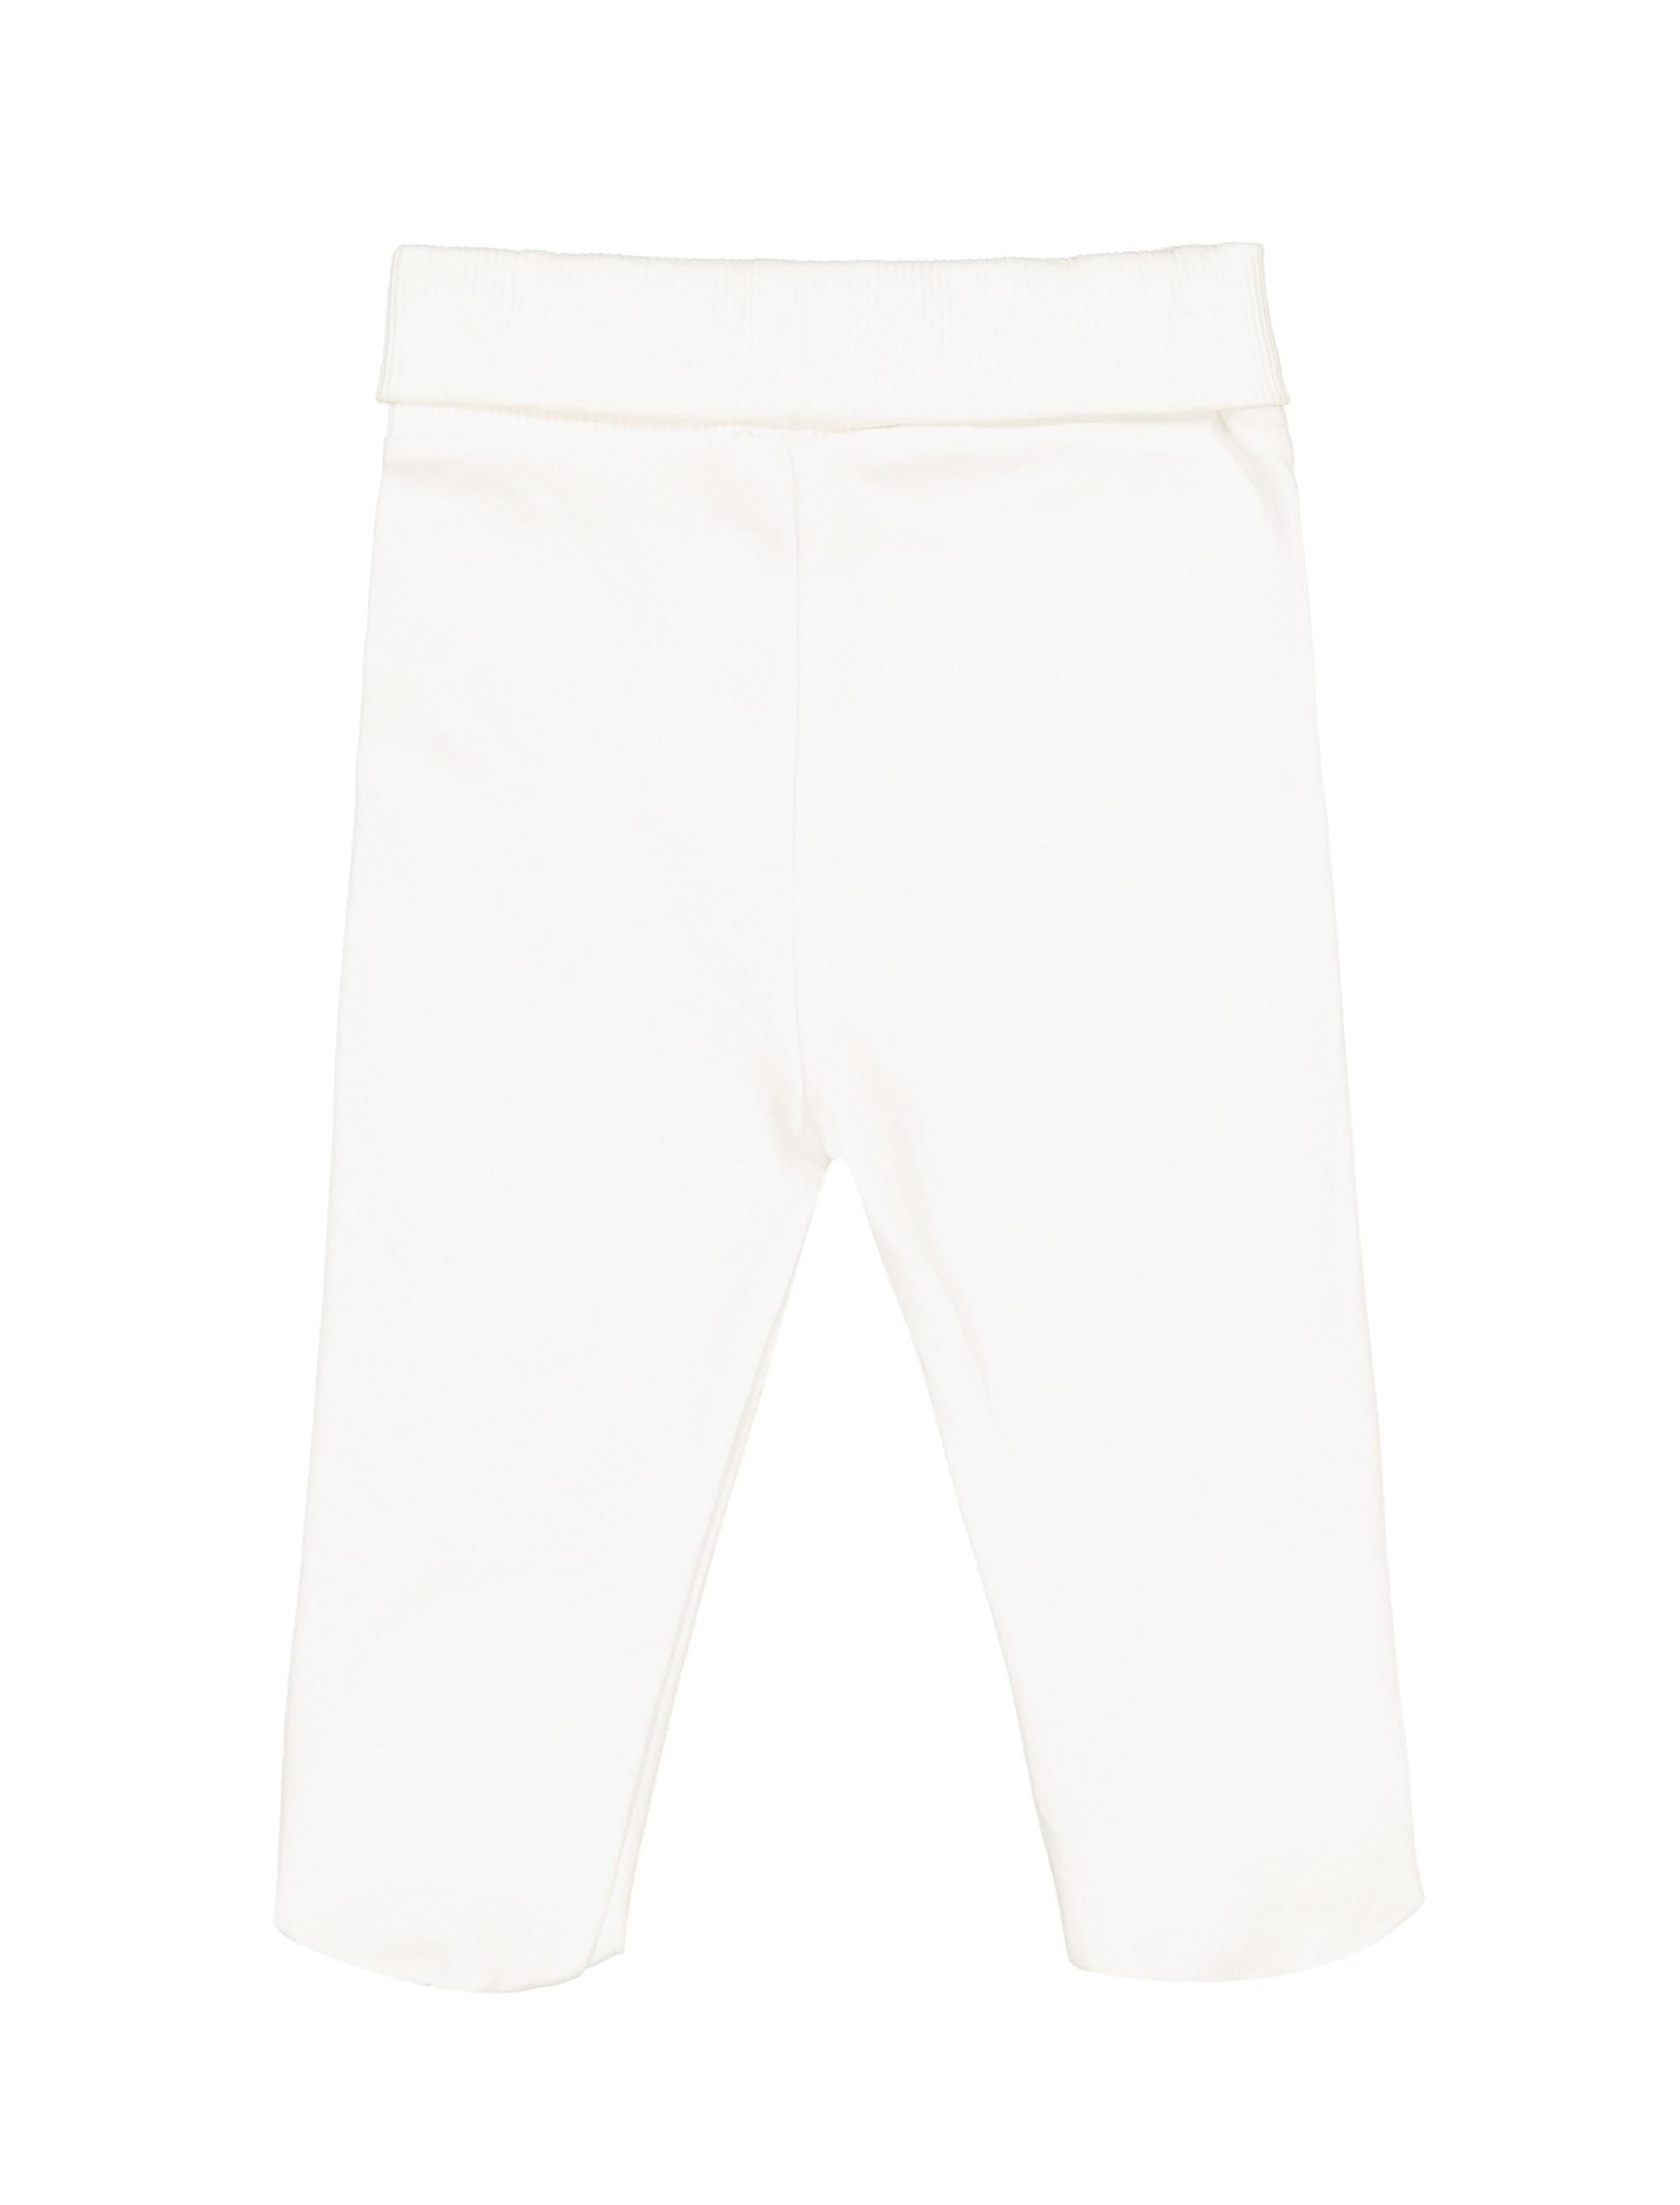 تی شرت و شلوار نخی نوزادی دخترانه - ال سی وایکیکی - کرم    - 5